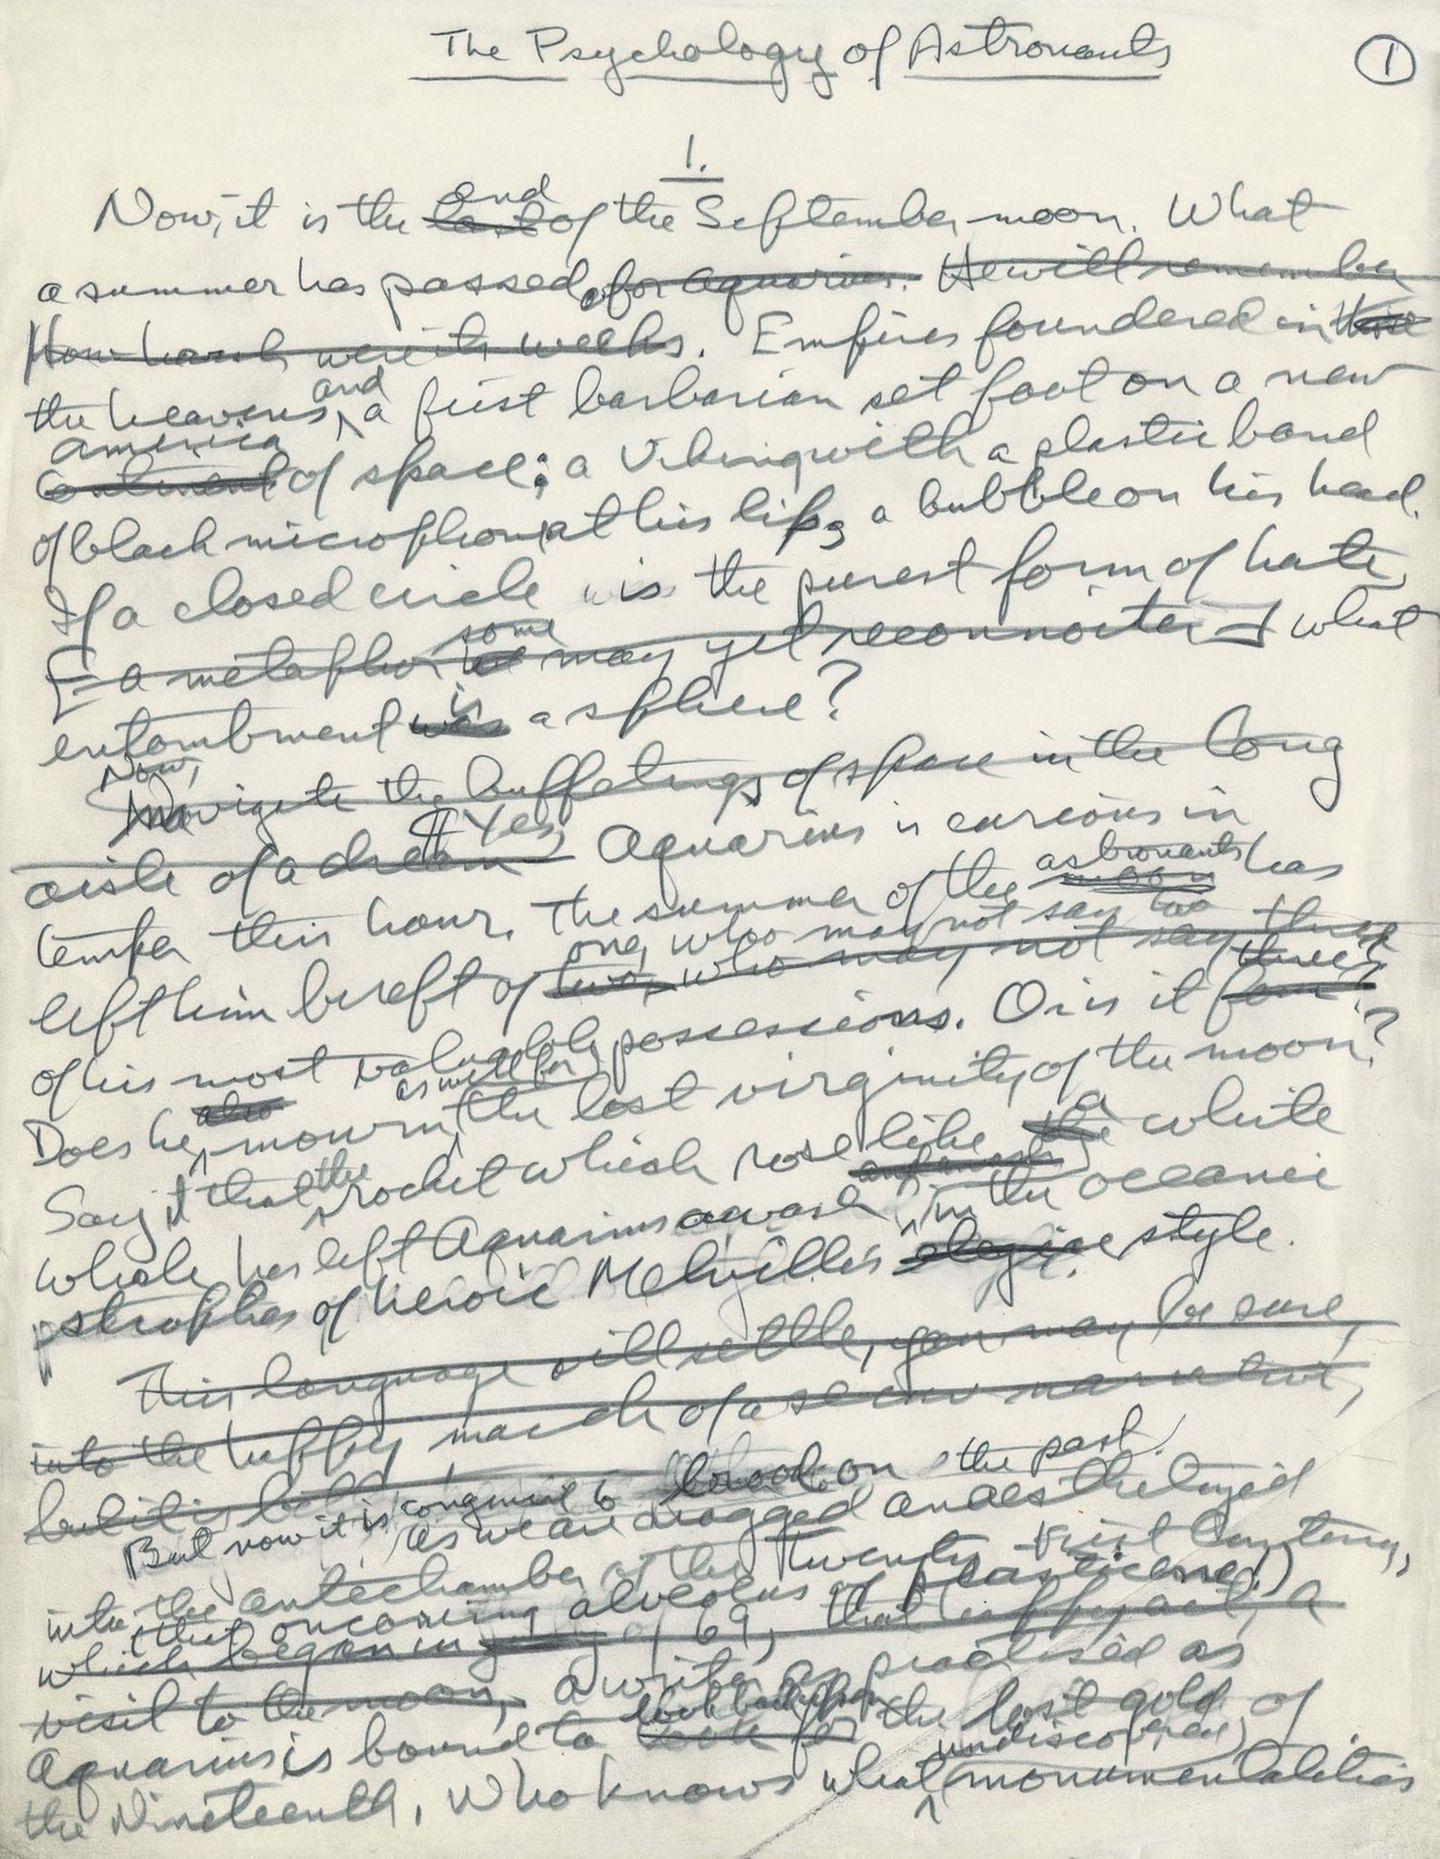 Manuskriptseite aus dem Text vonNorman Mailer, das sich imMailer Archive im Harry Ransom Center in Texas befindet.